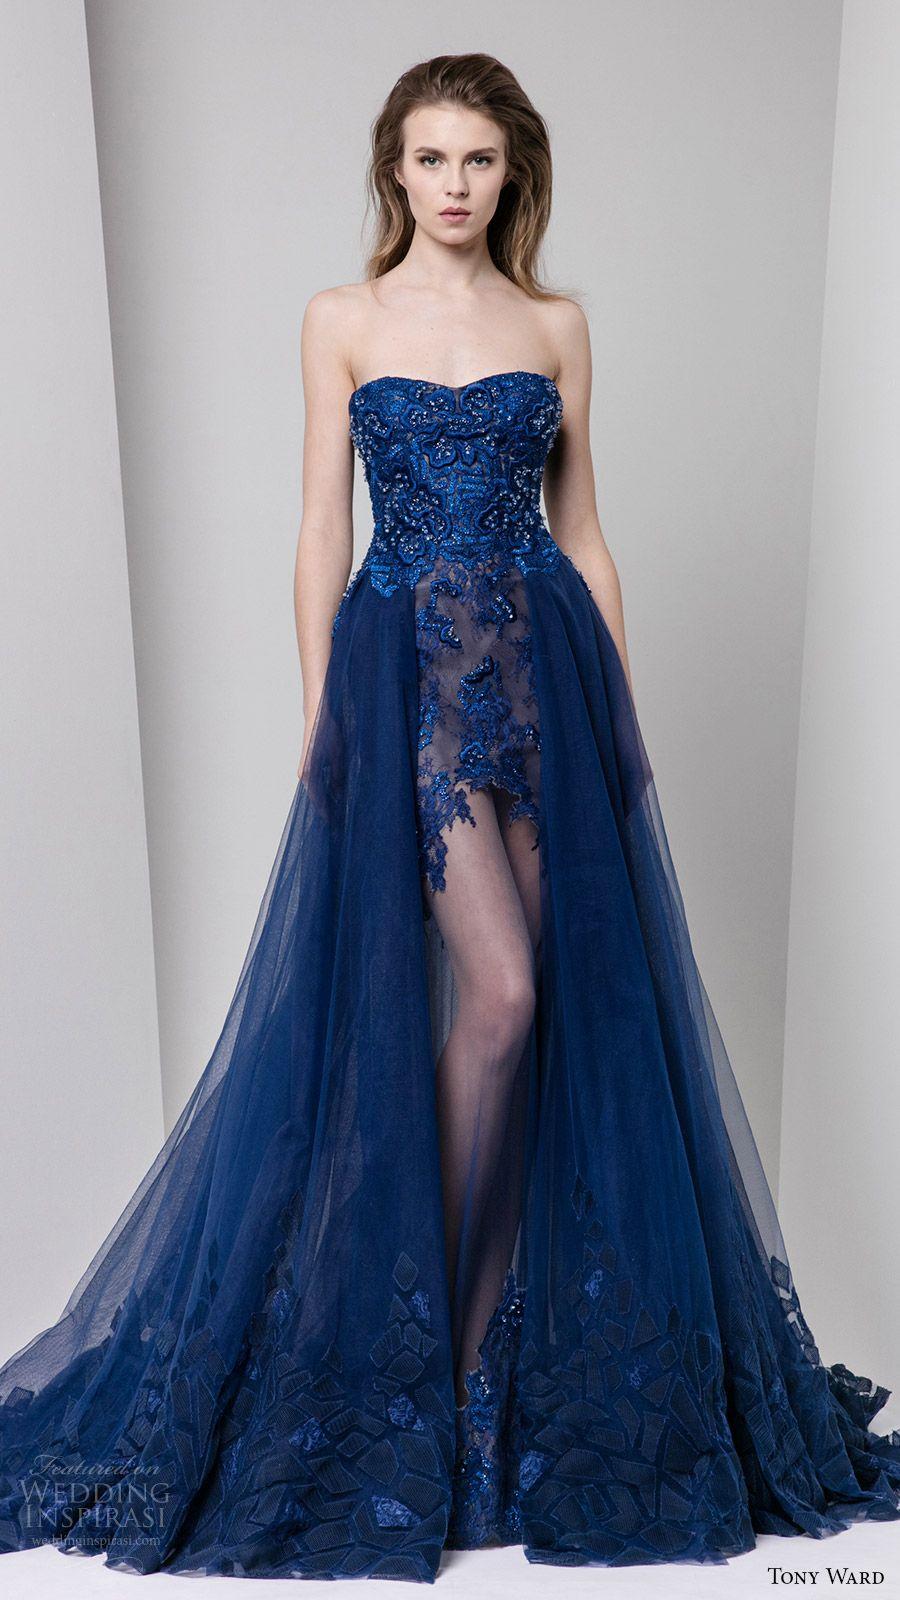 Tony ward fall readytowear dresses blue colors illusions